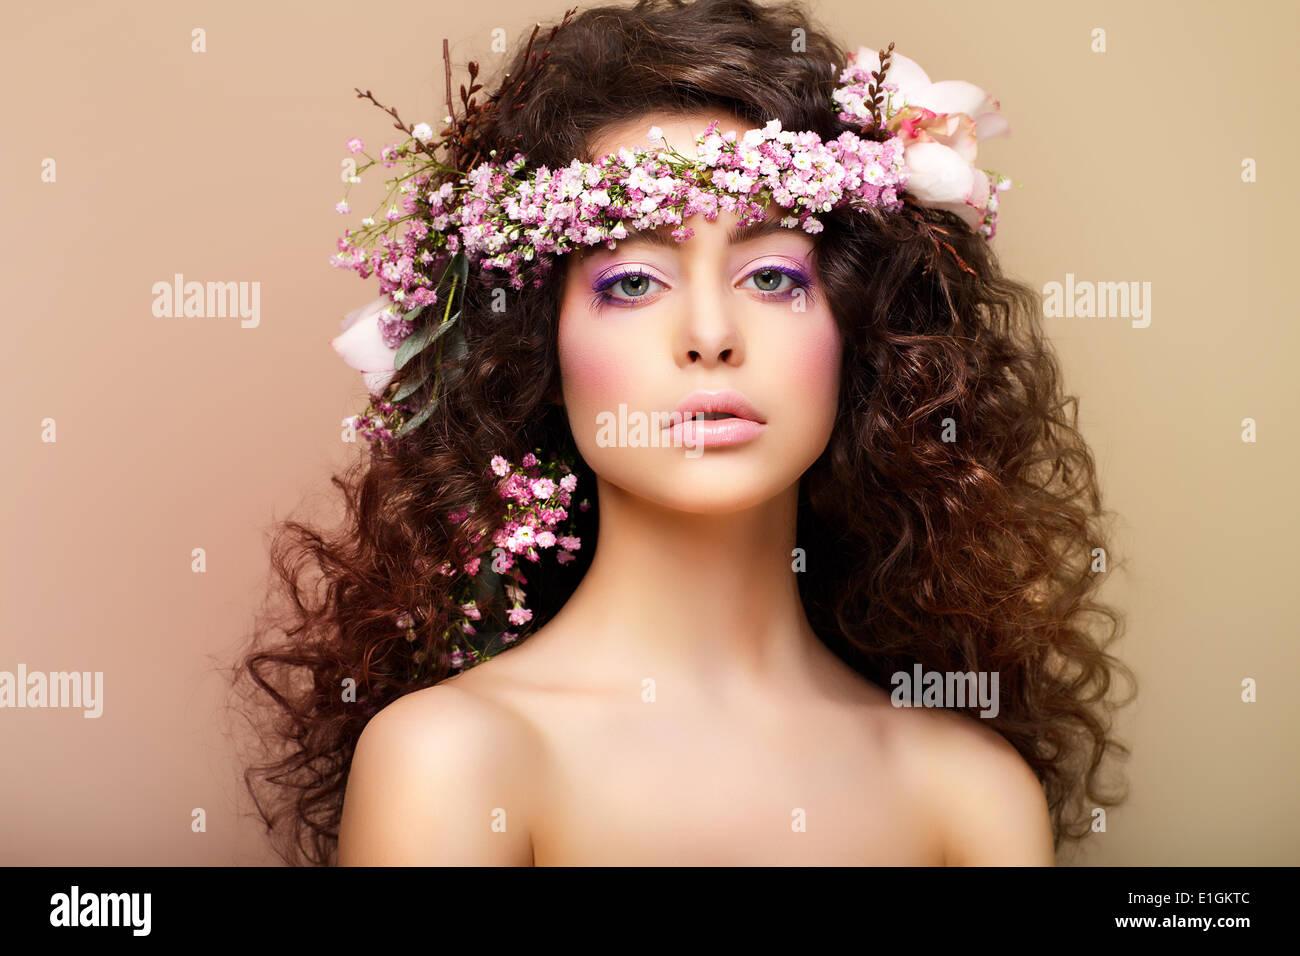 Pureza. La frescura. La virginidad. Atractiva mujer encantadora con pelos Frizzy Foto de stock